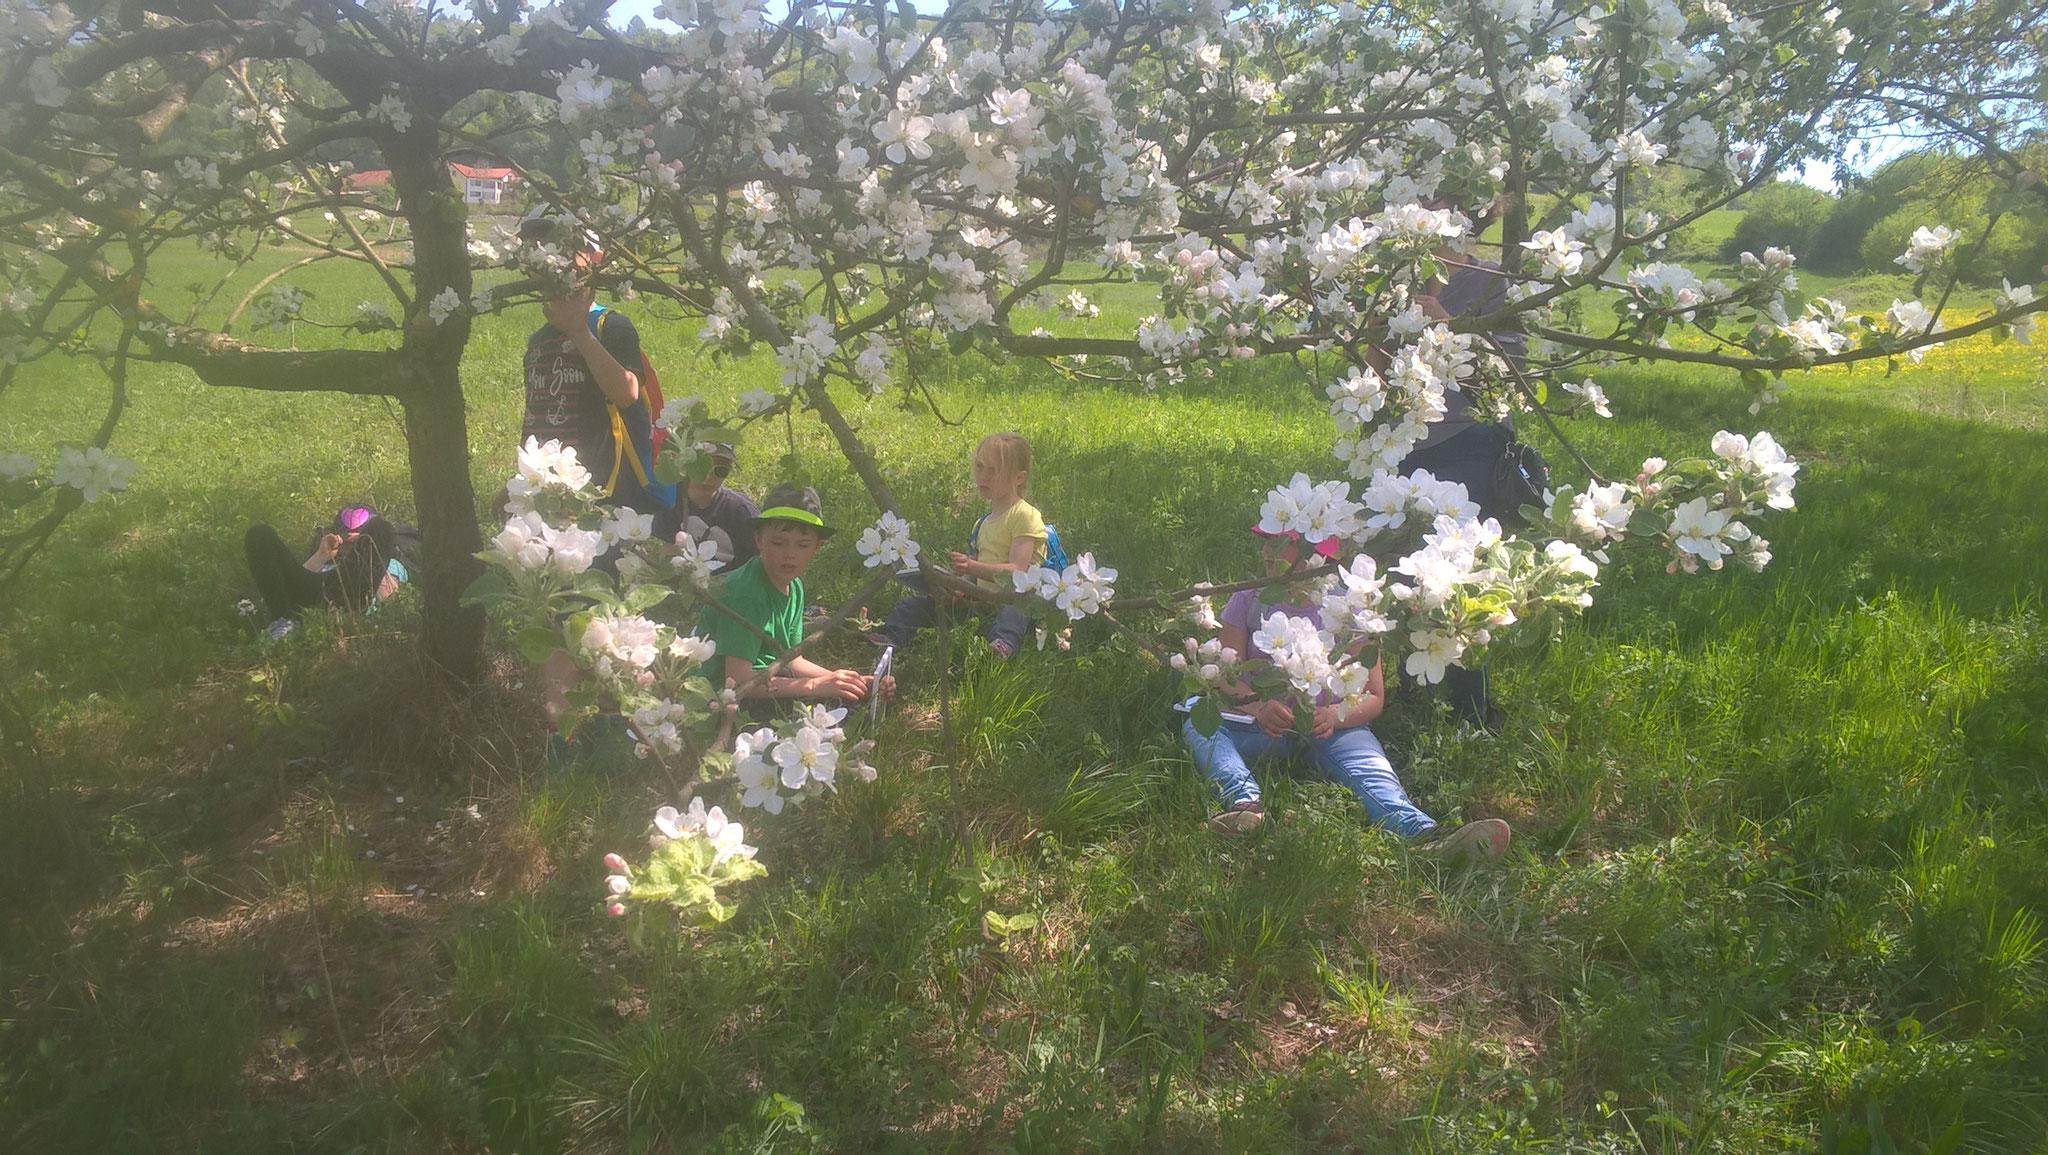 Rast unterm Apfelbaum. Foto: R. Nagel-Kroll